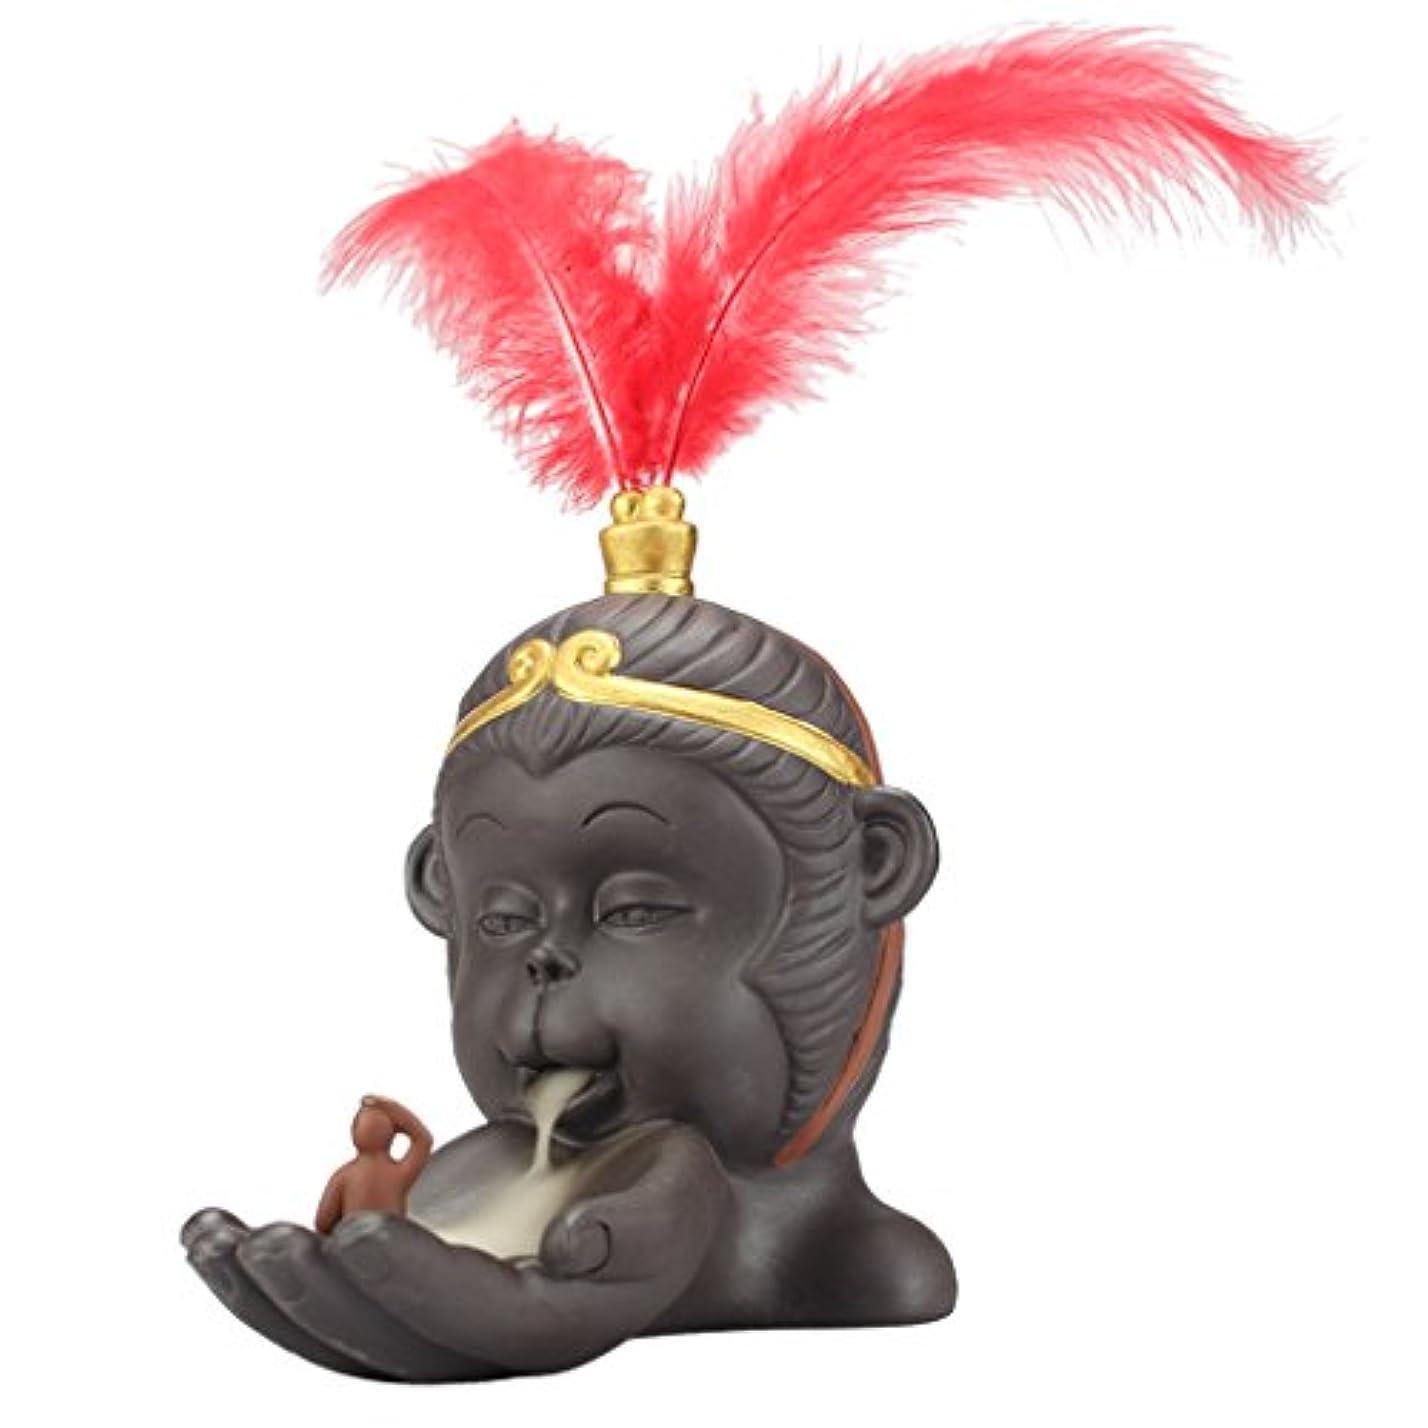 数値奴隷ラバ小型 仏教 香炉 バーナーホルダー 逆流コーン 香バーナー 絶妙 技量 - 赤